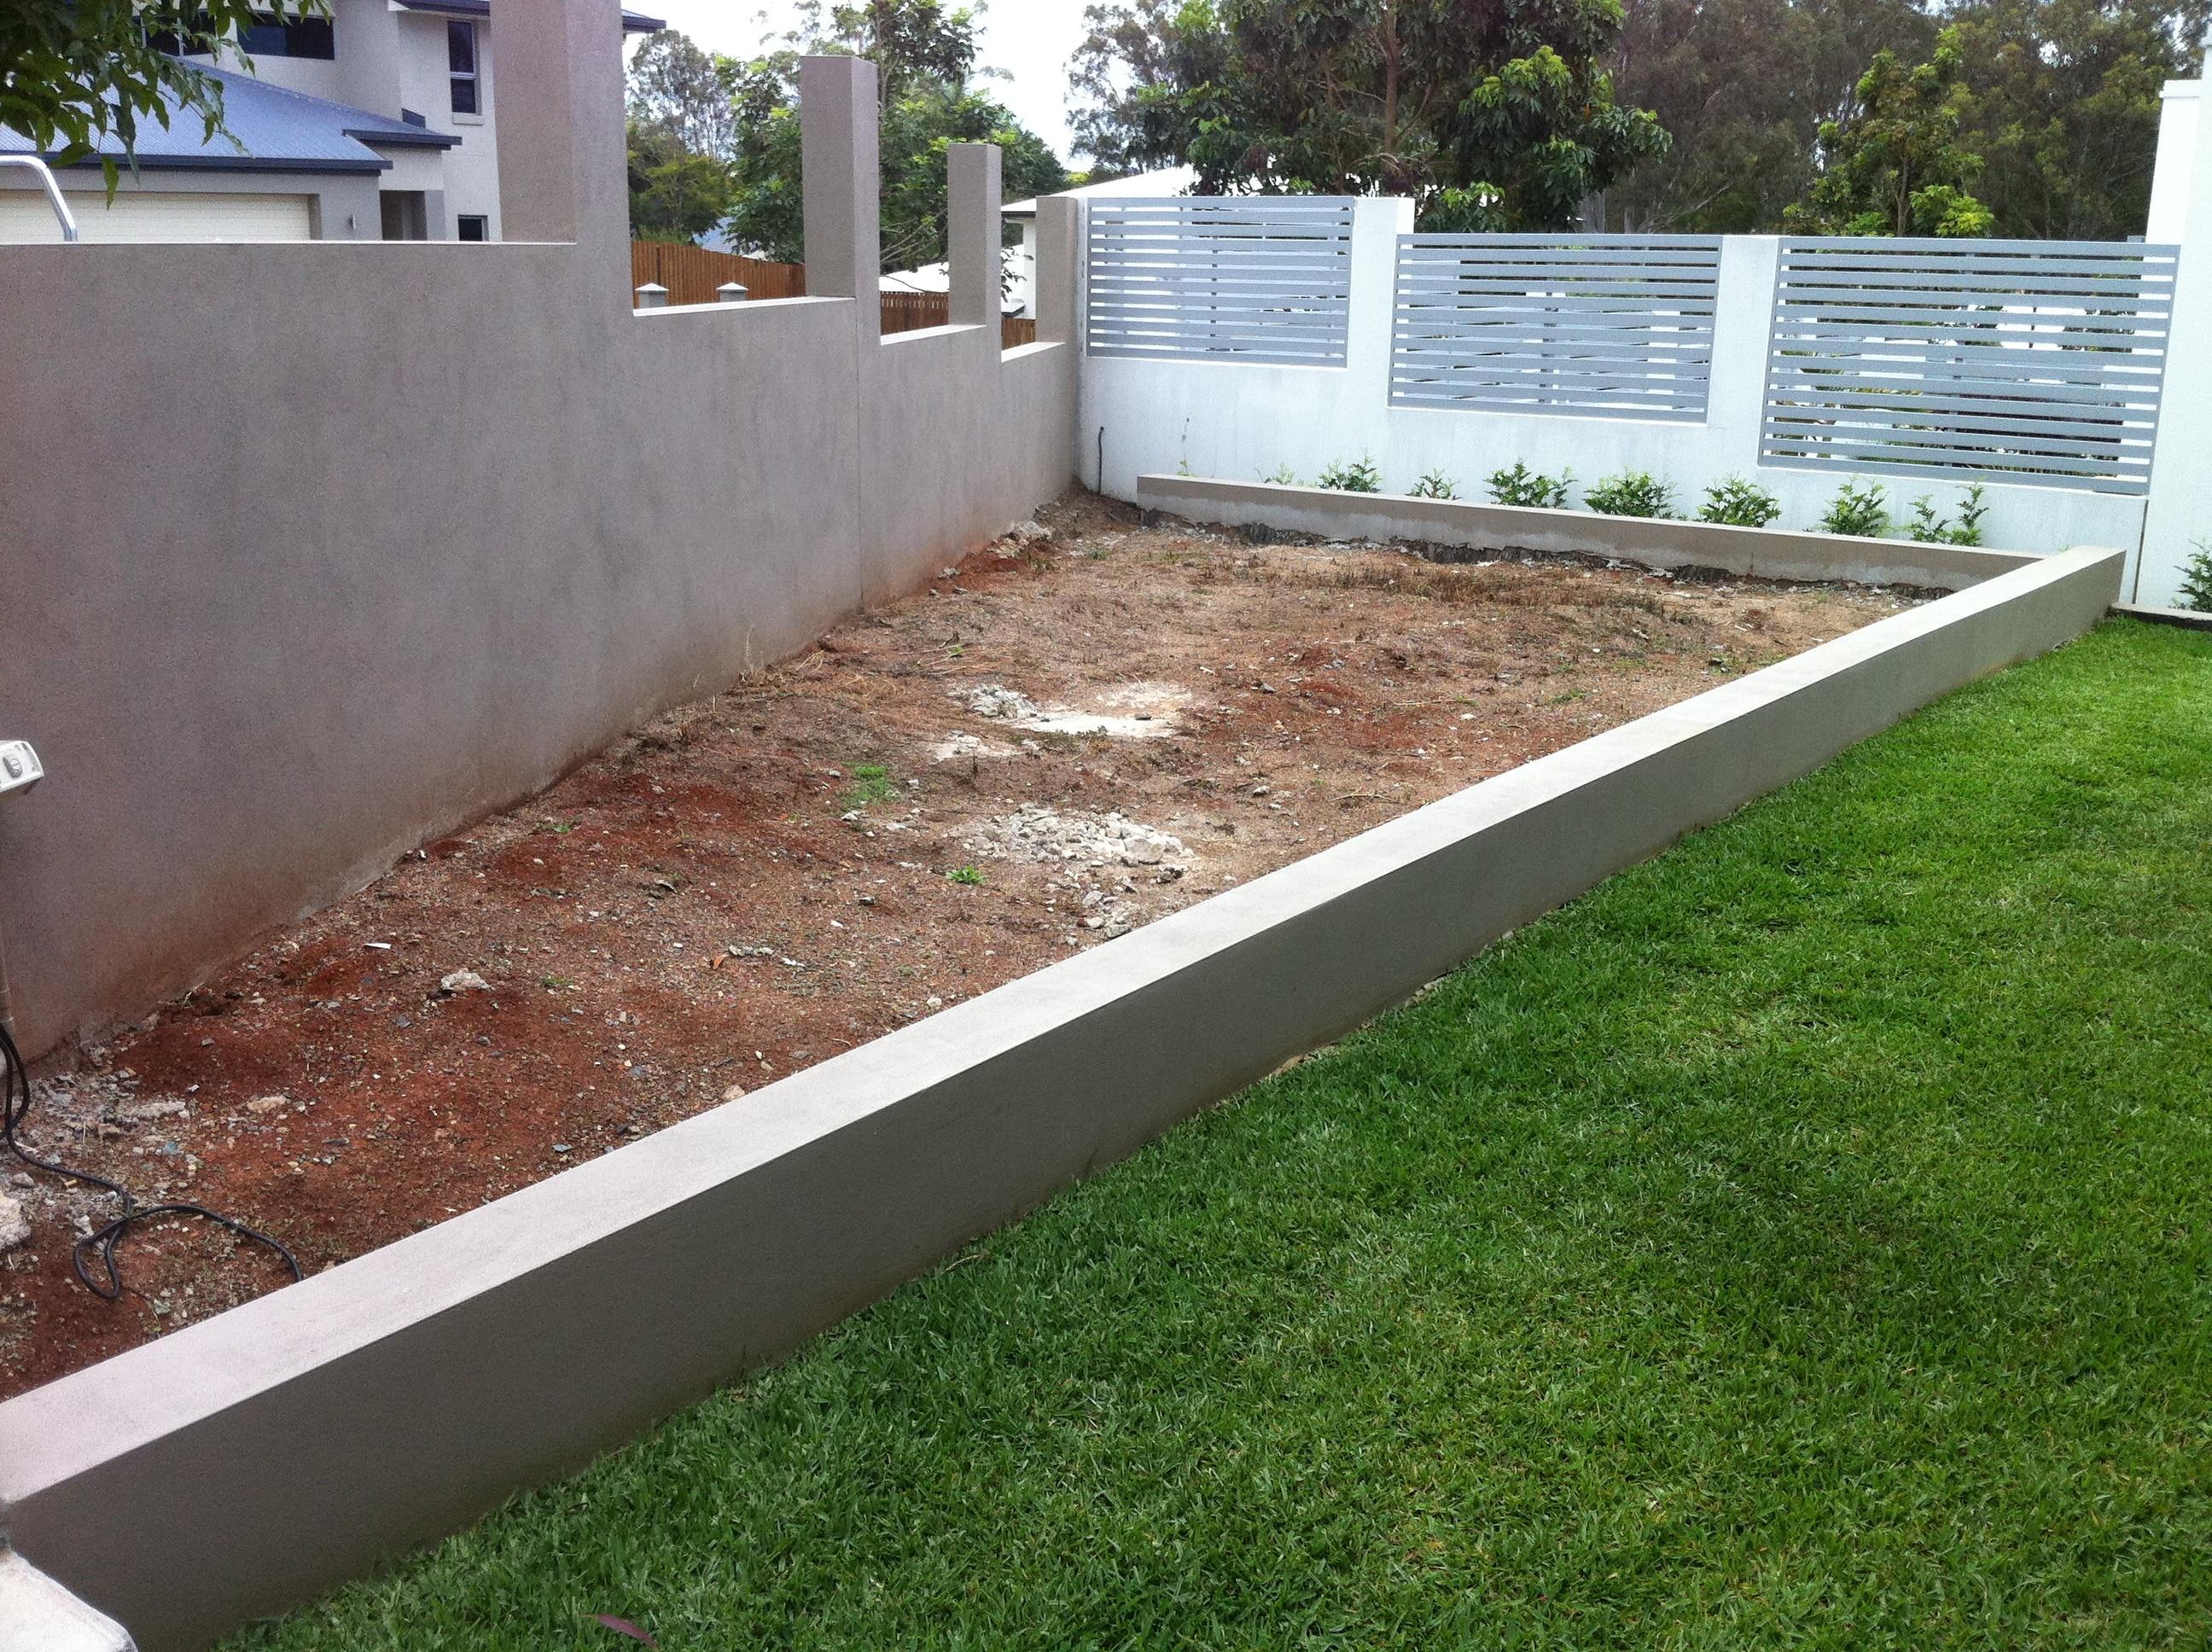 Formal garden with urn water feature before landscaping - Bridgeman Downs, Brisbane , QLD.